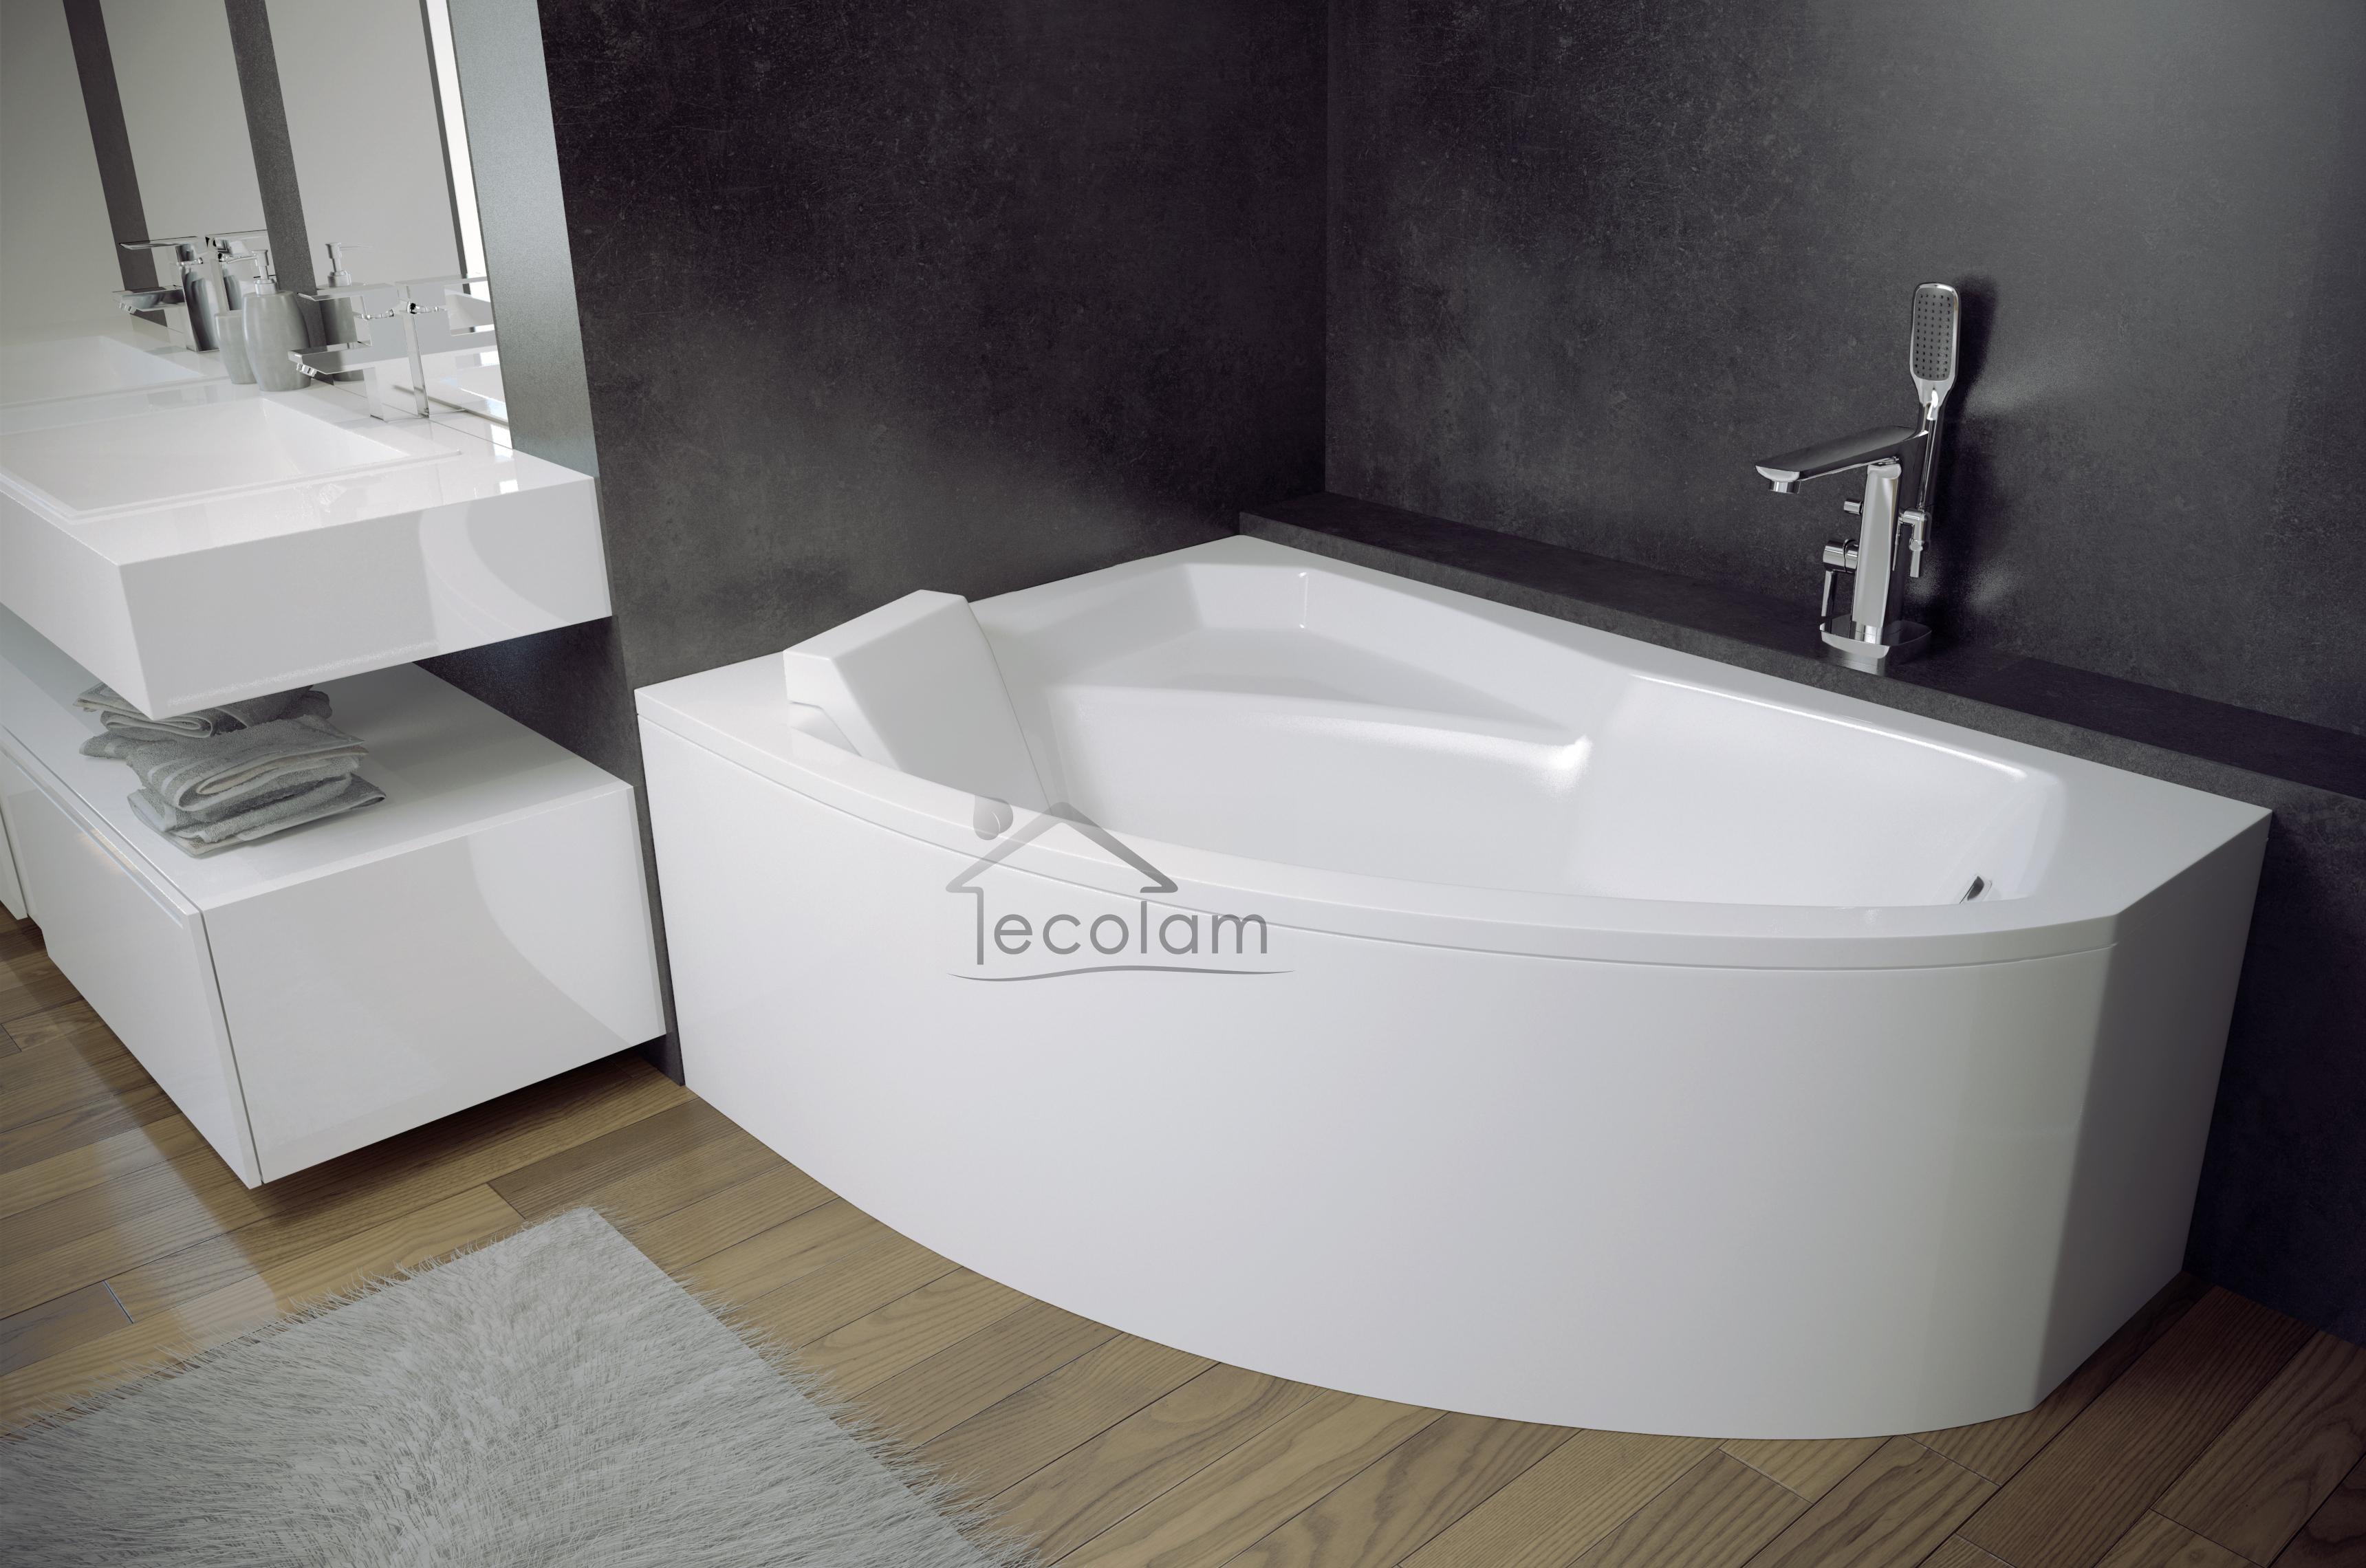 badewanne wanne eckig eckwanne 170 x 110 cm sch rze ablauf. Black Bedroom Furniture Sets. Home Design Ideas